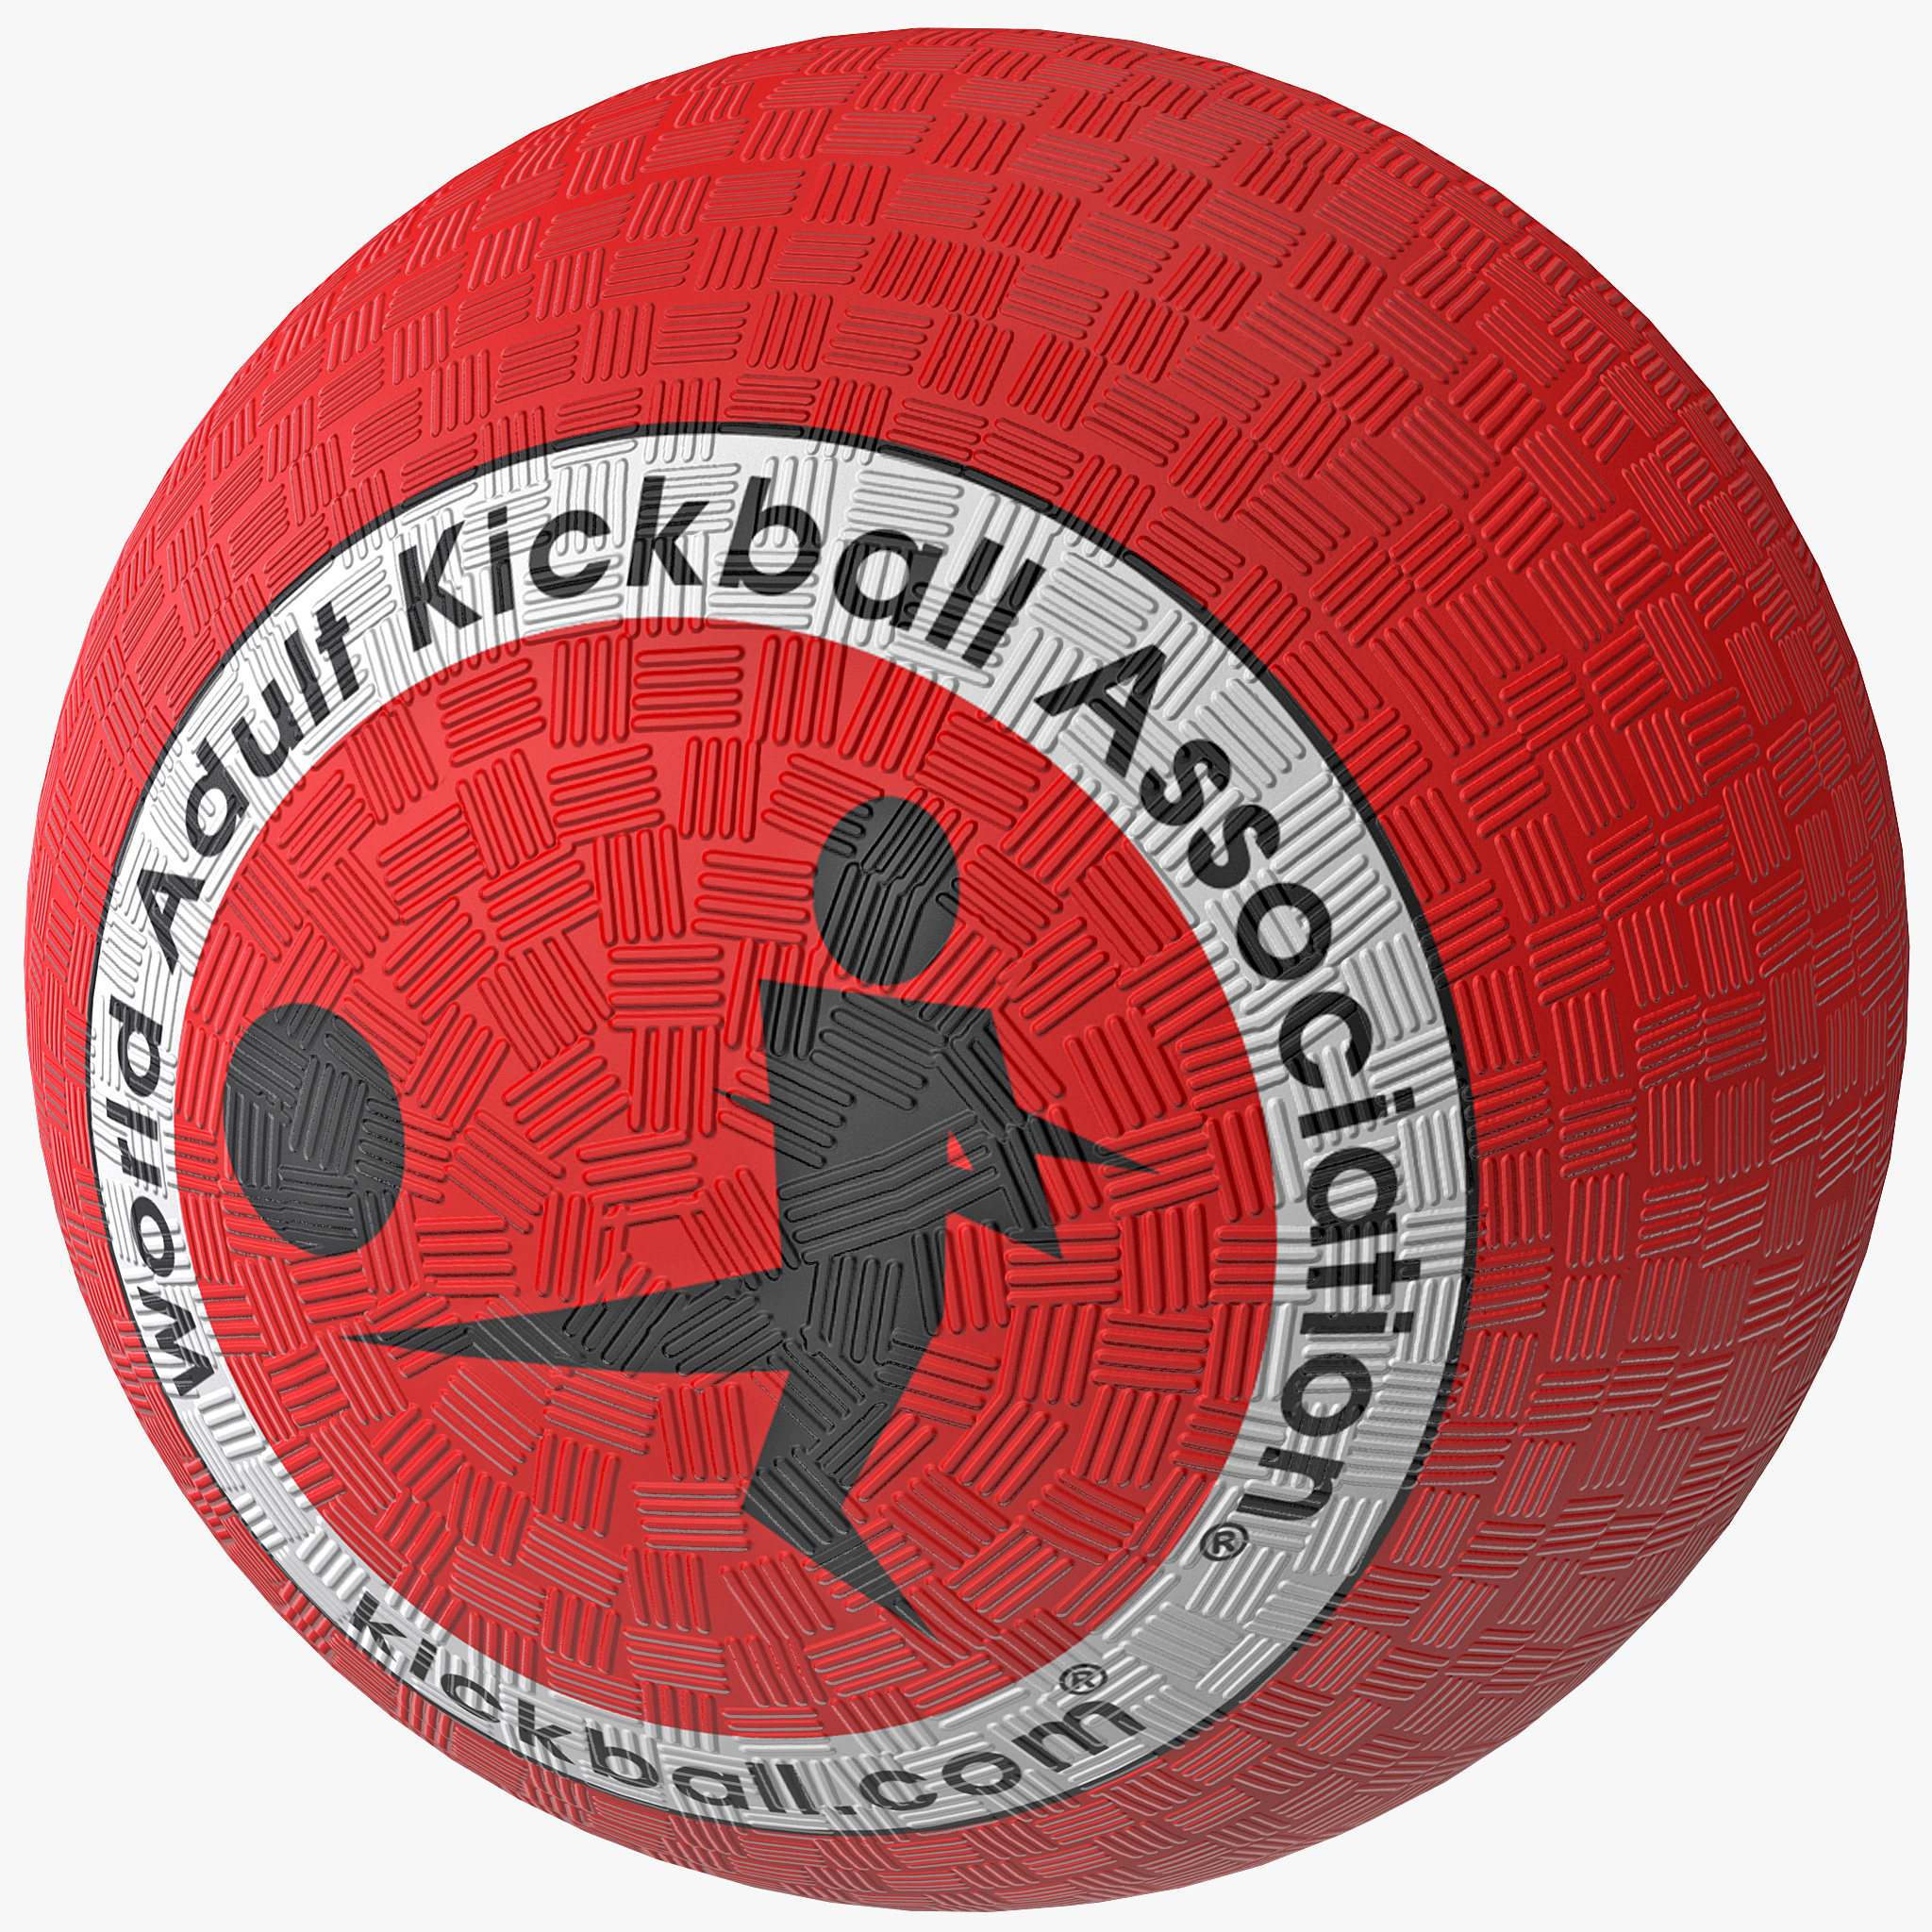 Kickball_151.jpg